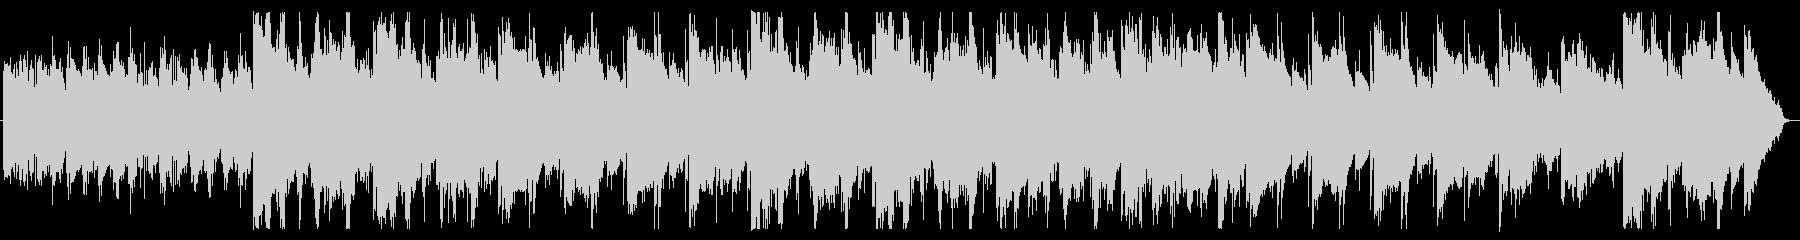 マリンバの包み込むような優しい音色の未再生の波形